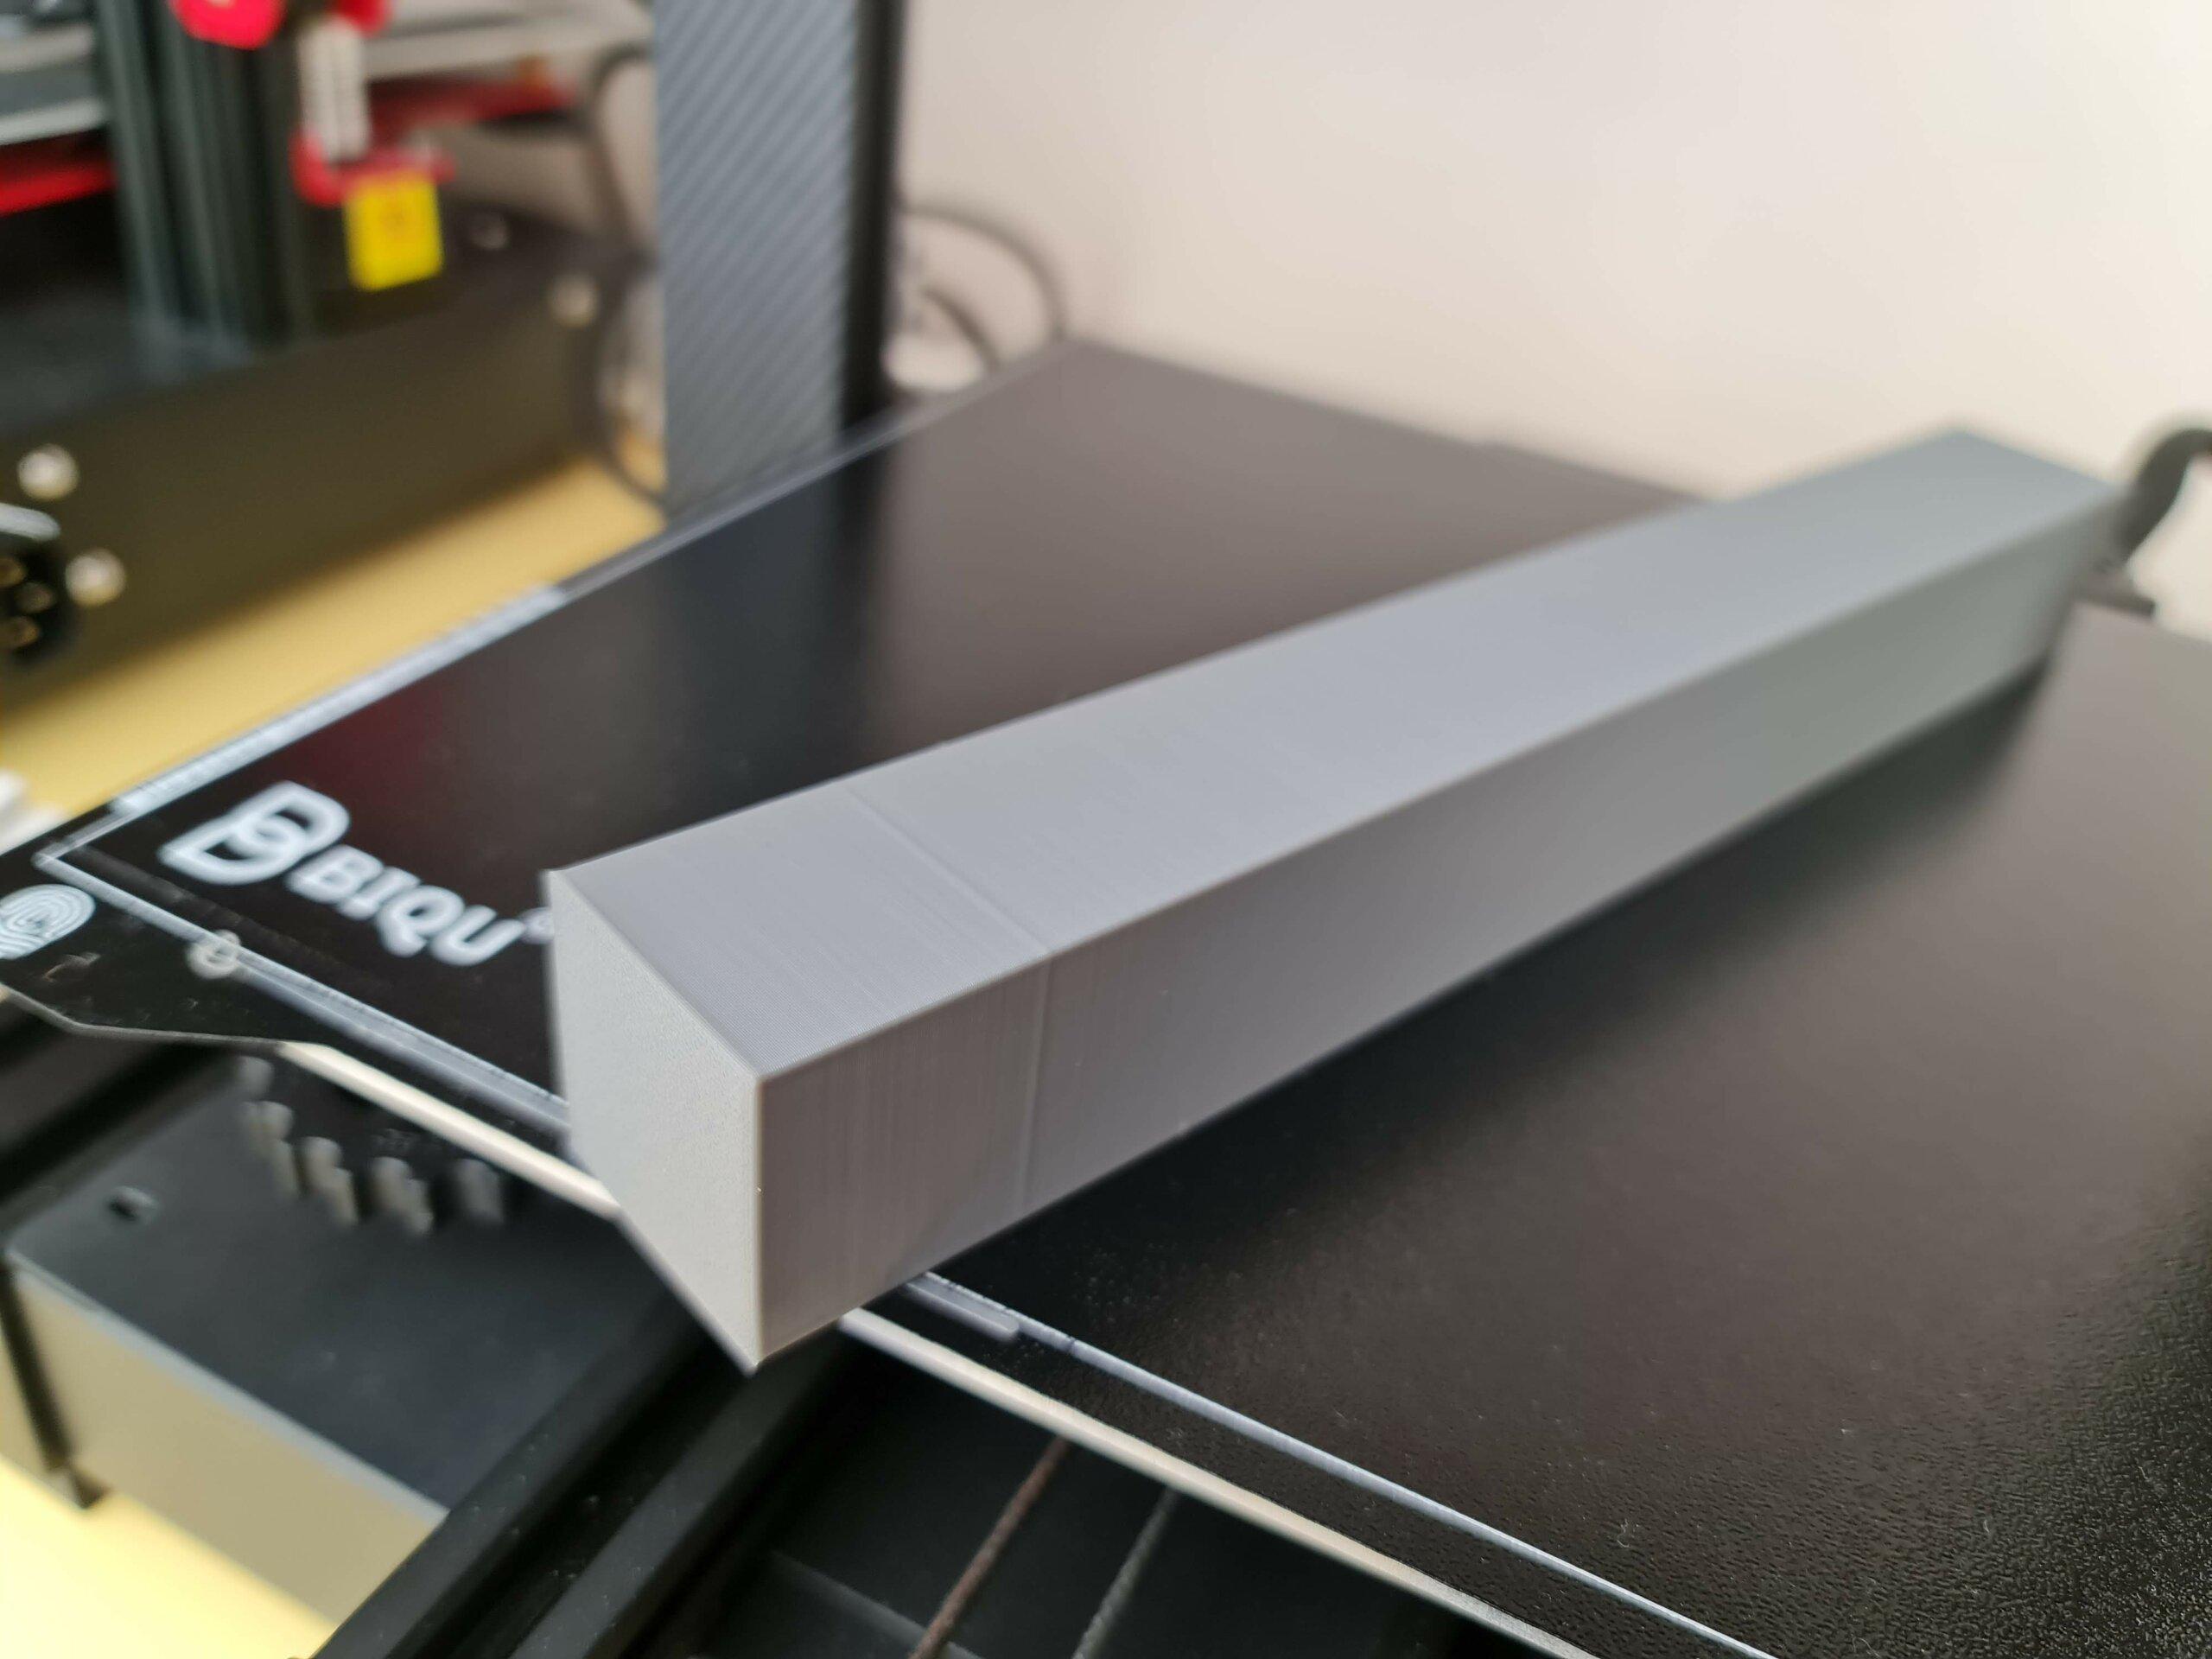 Z-wobble-test-print-on-BIQU-BX-H2-1